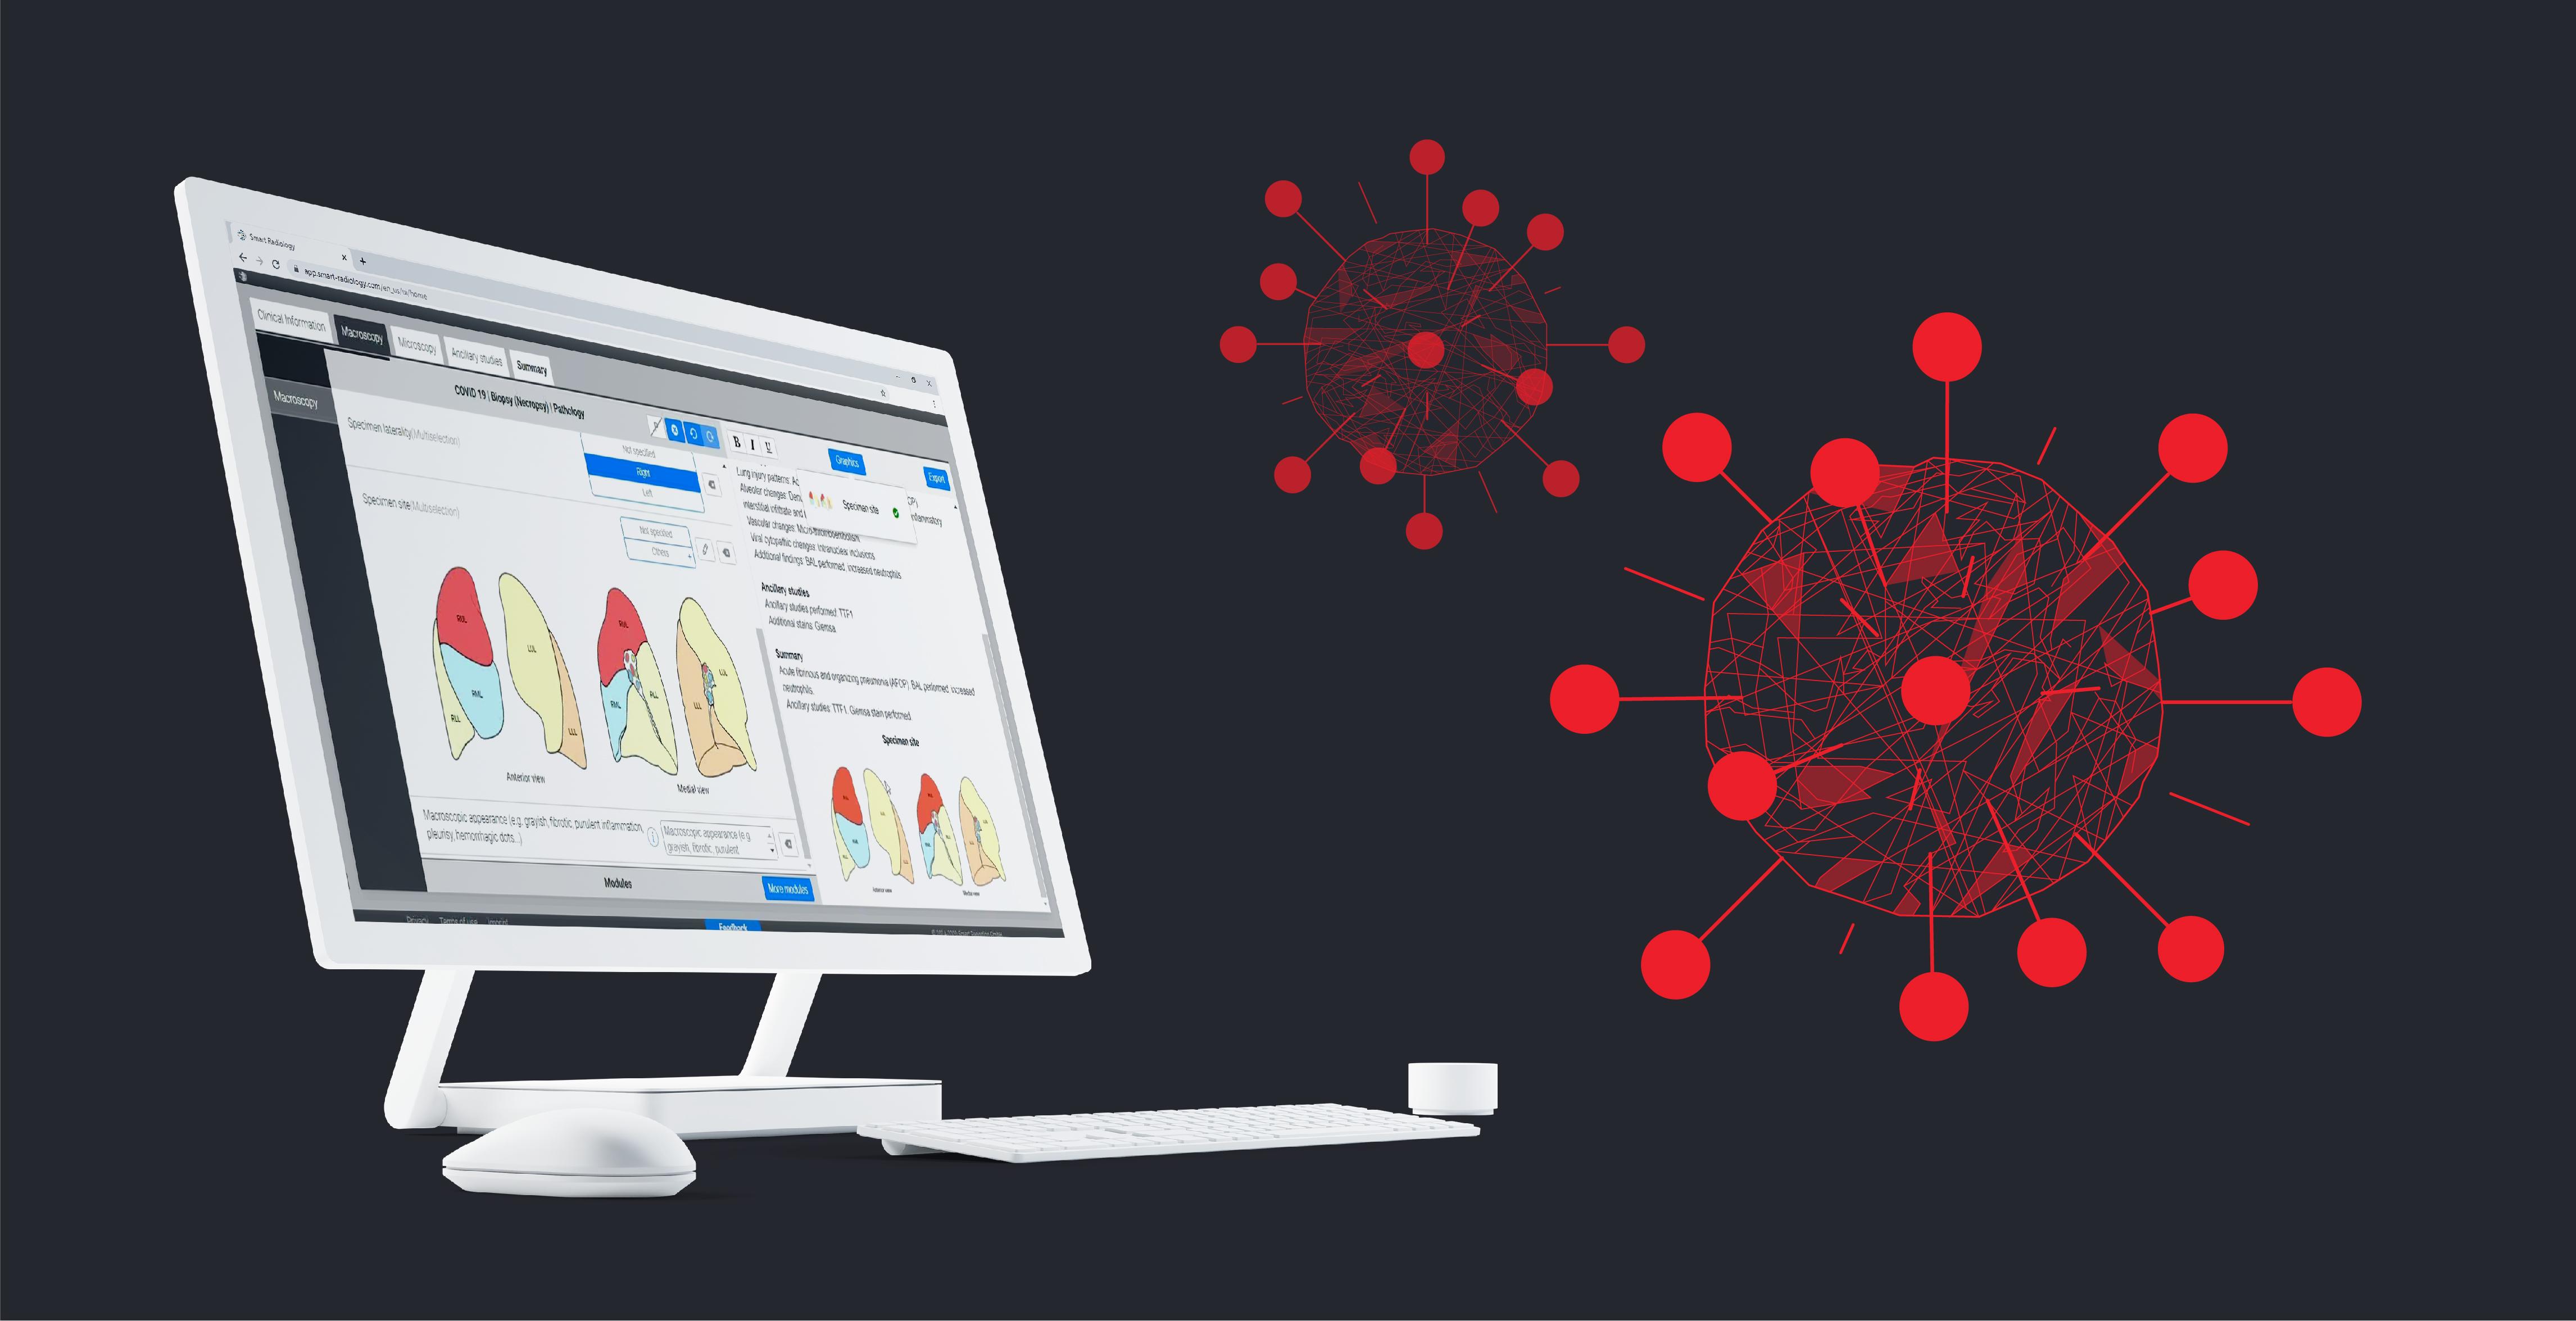 Smart Reporting bietet eine neue COVID-19 Befundvorlage für Pathologie an